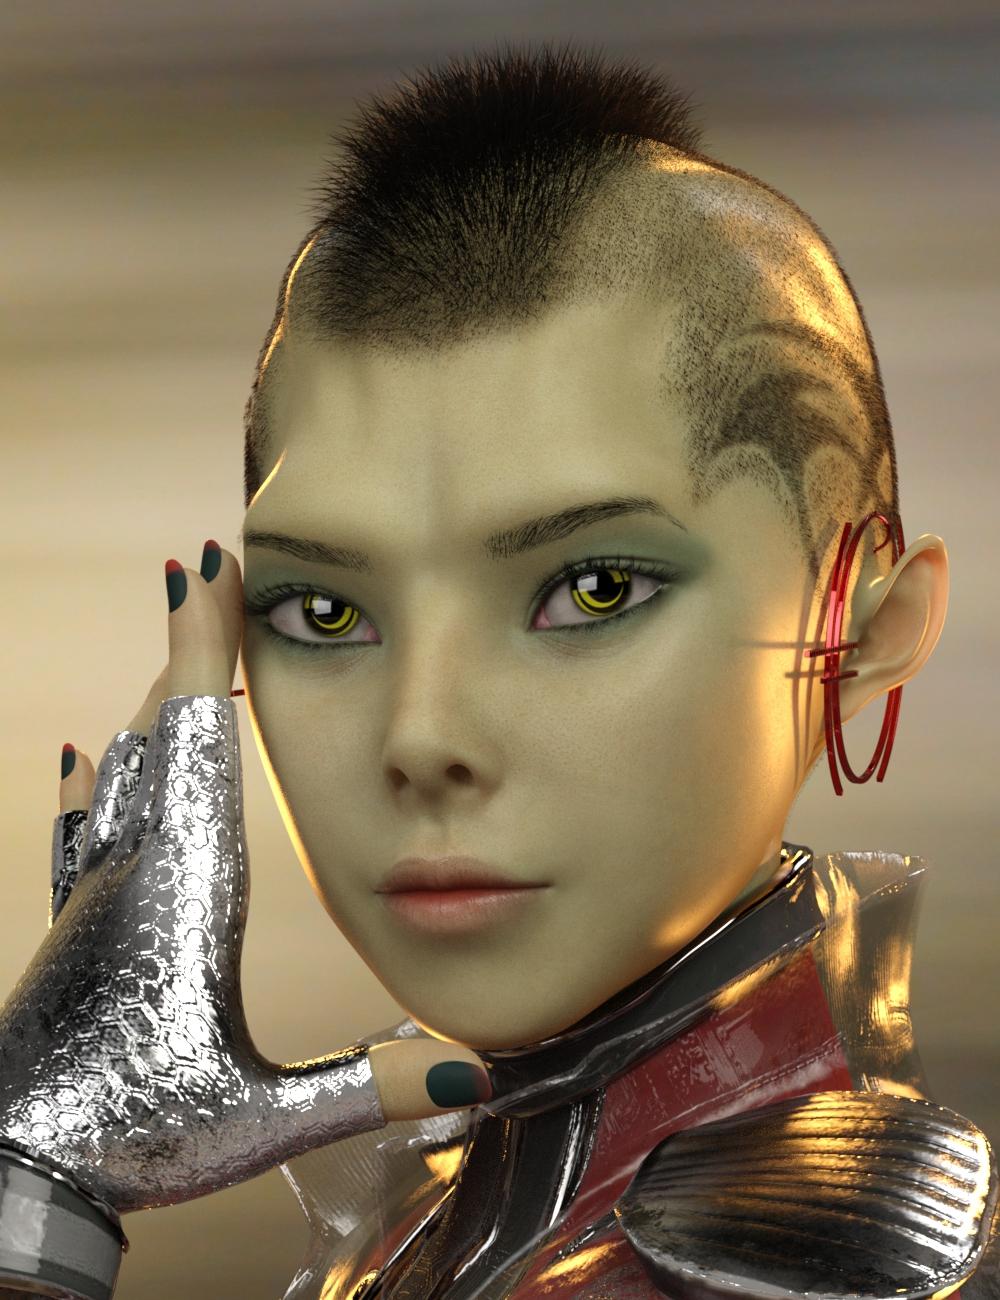 Kozue for Genesis 8 Female by: Warloc, 3D Models by Daz 3D